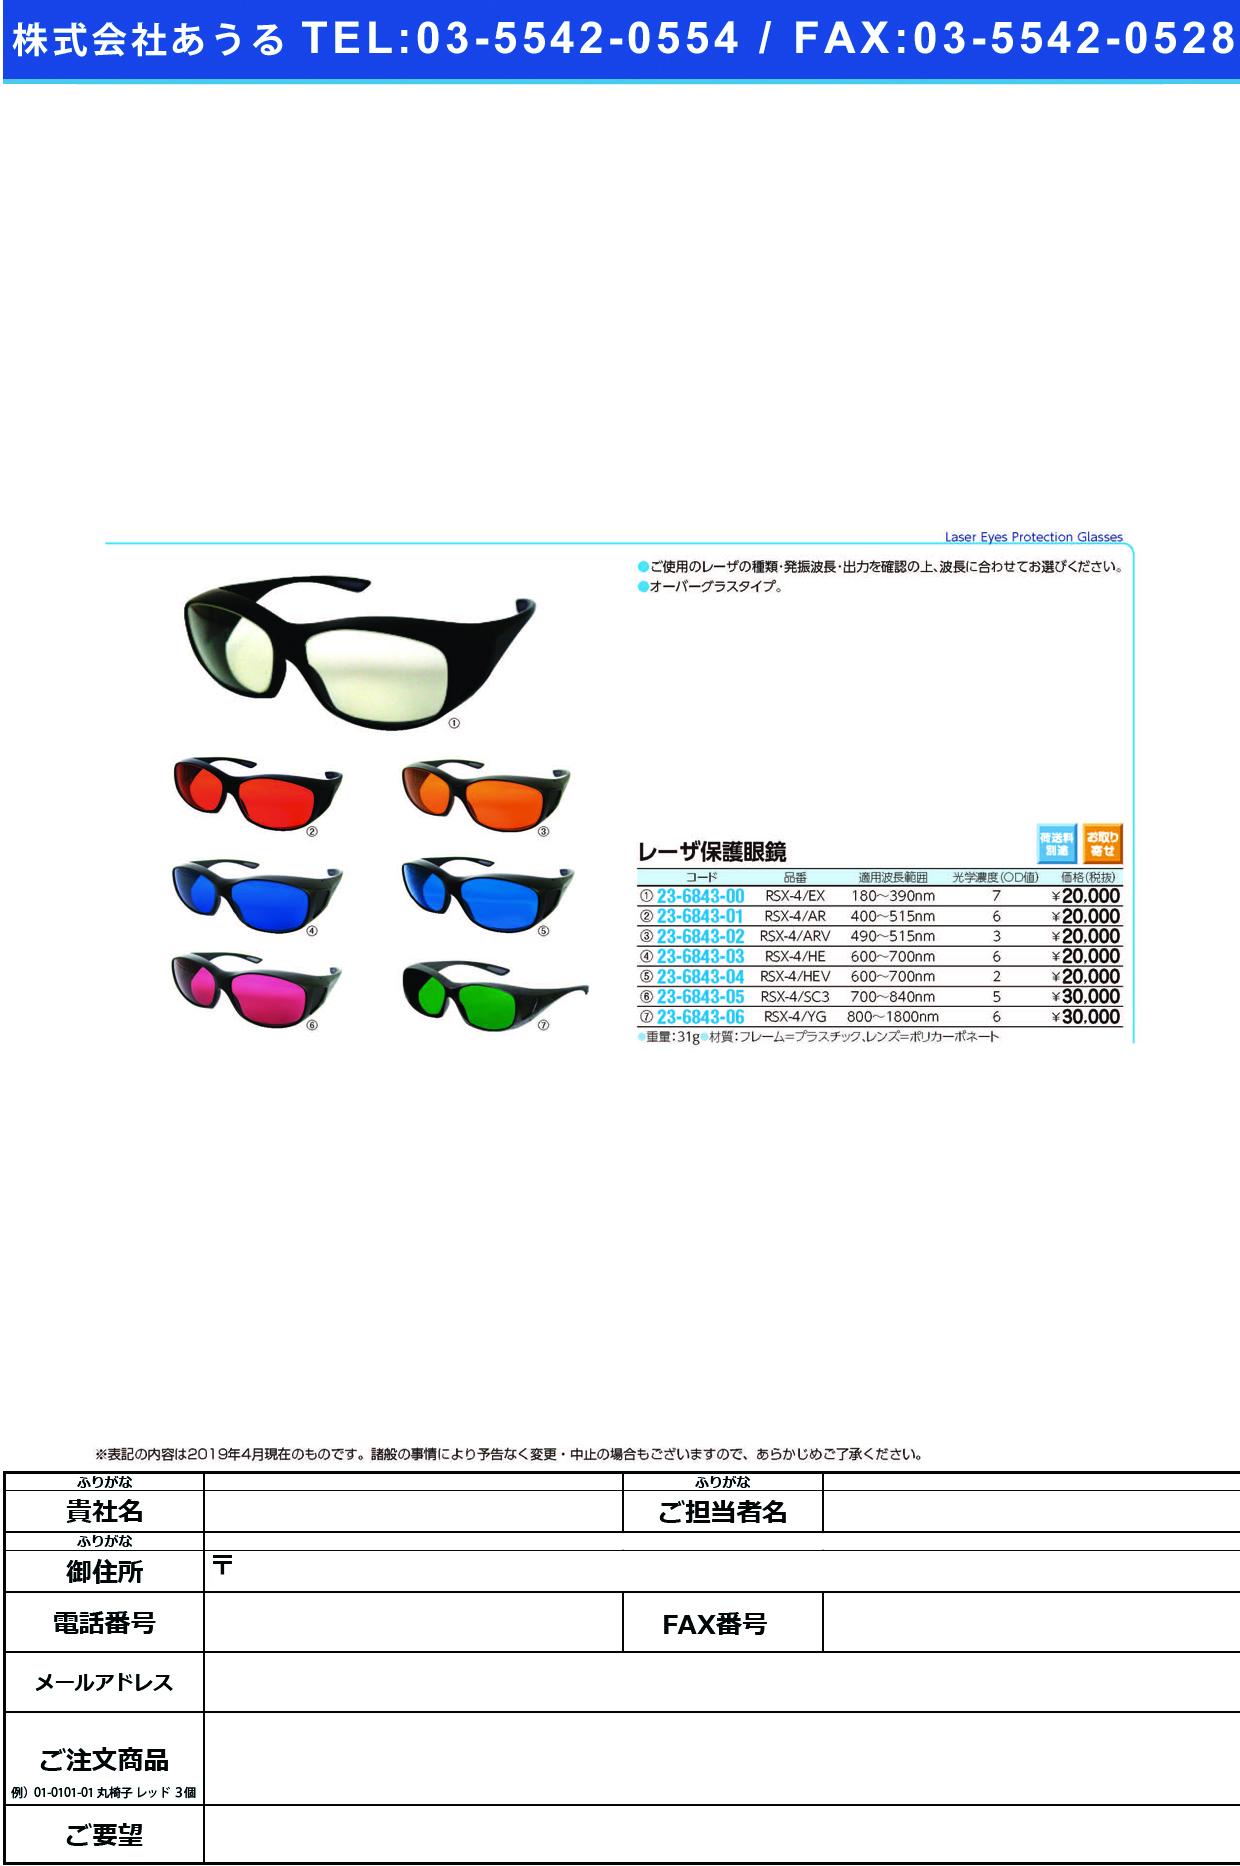 (23-6843-03)レーザ保護眼鏡 RSX-4/HE レーザホゴメガネ【1個単位】【2019年カタログ商品】